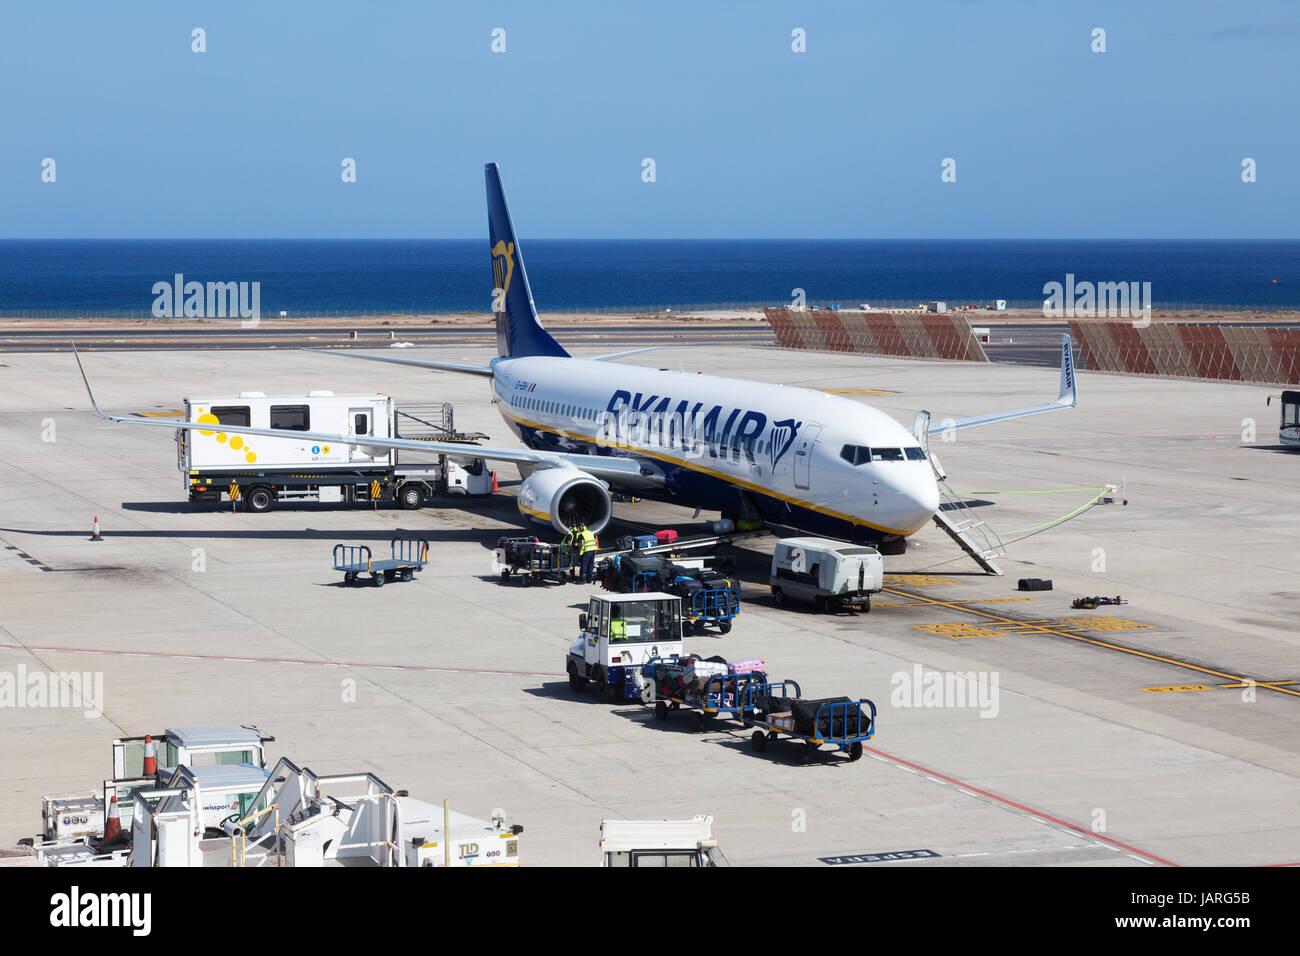 Ryanair-Flugzeug auf dem Boden, Lanzarote Flughafen, Lanzarote, Kanarische Inseln Europas Stockfoto